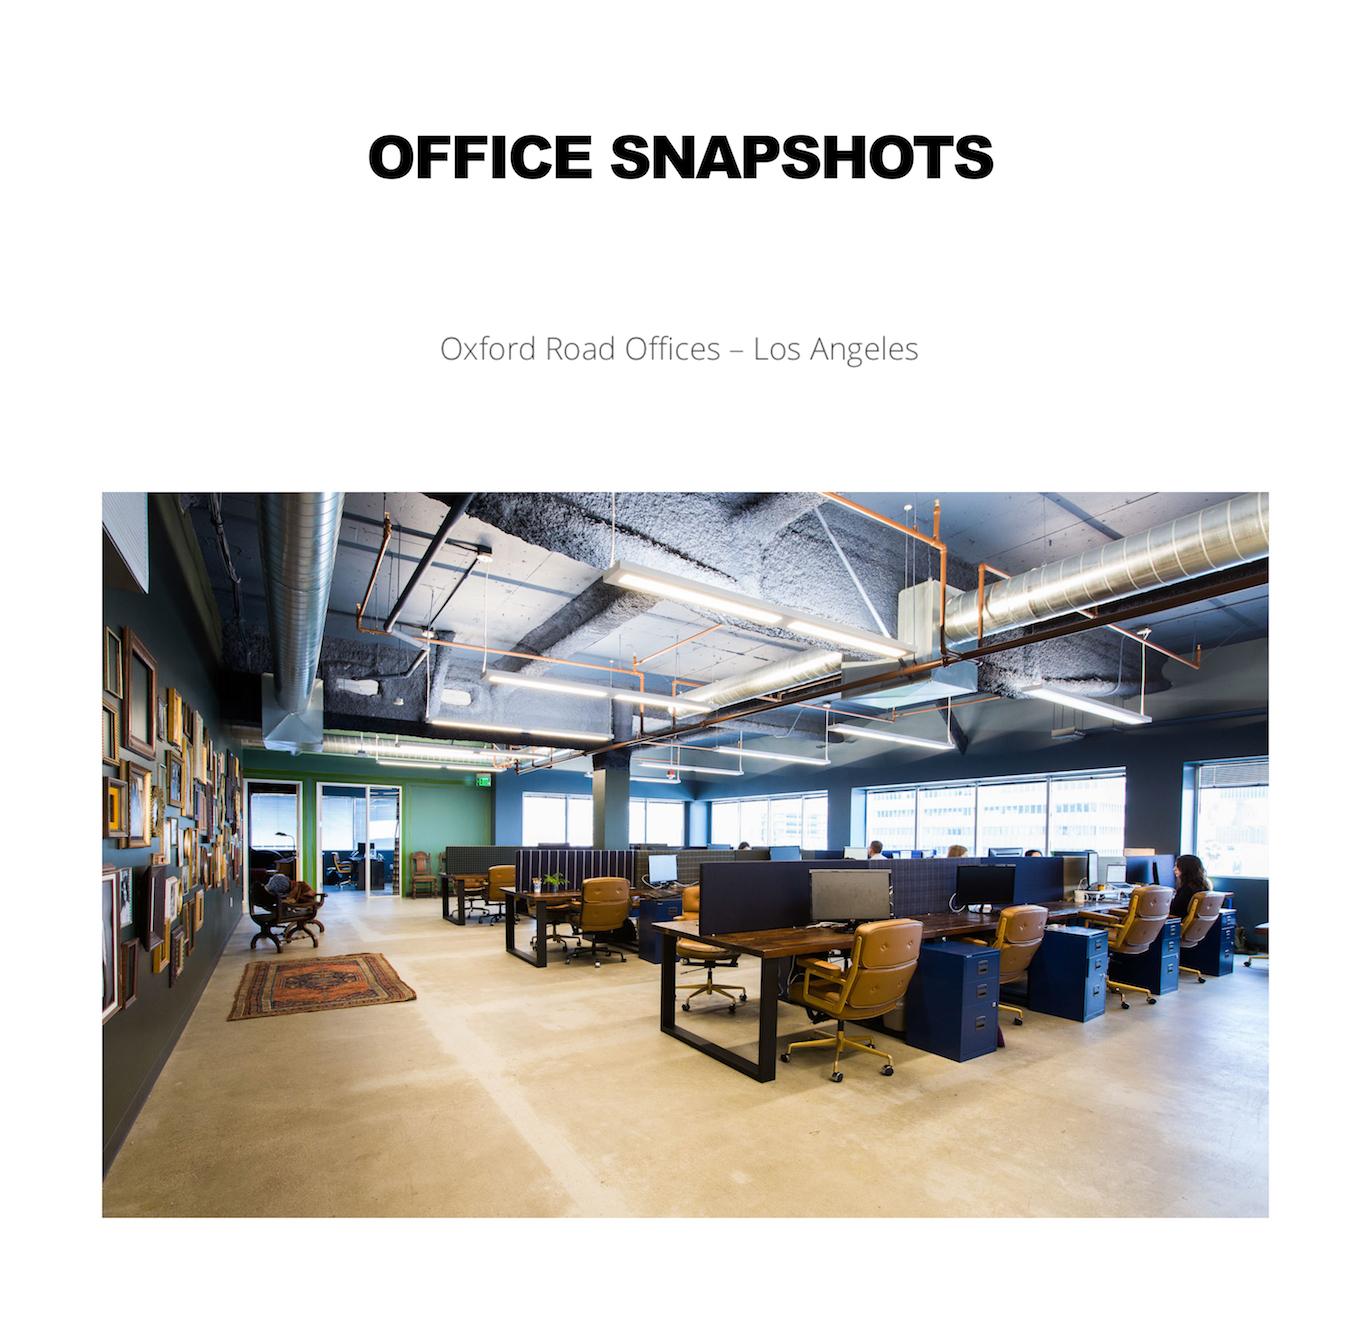 2016.12.09_OfficeSnapshots.jpg